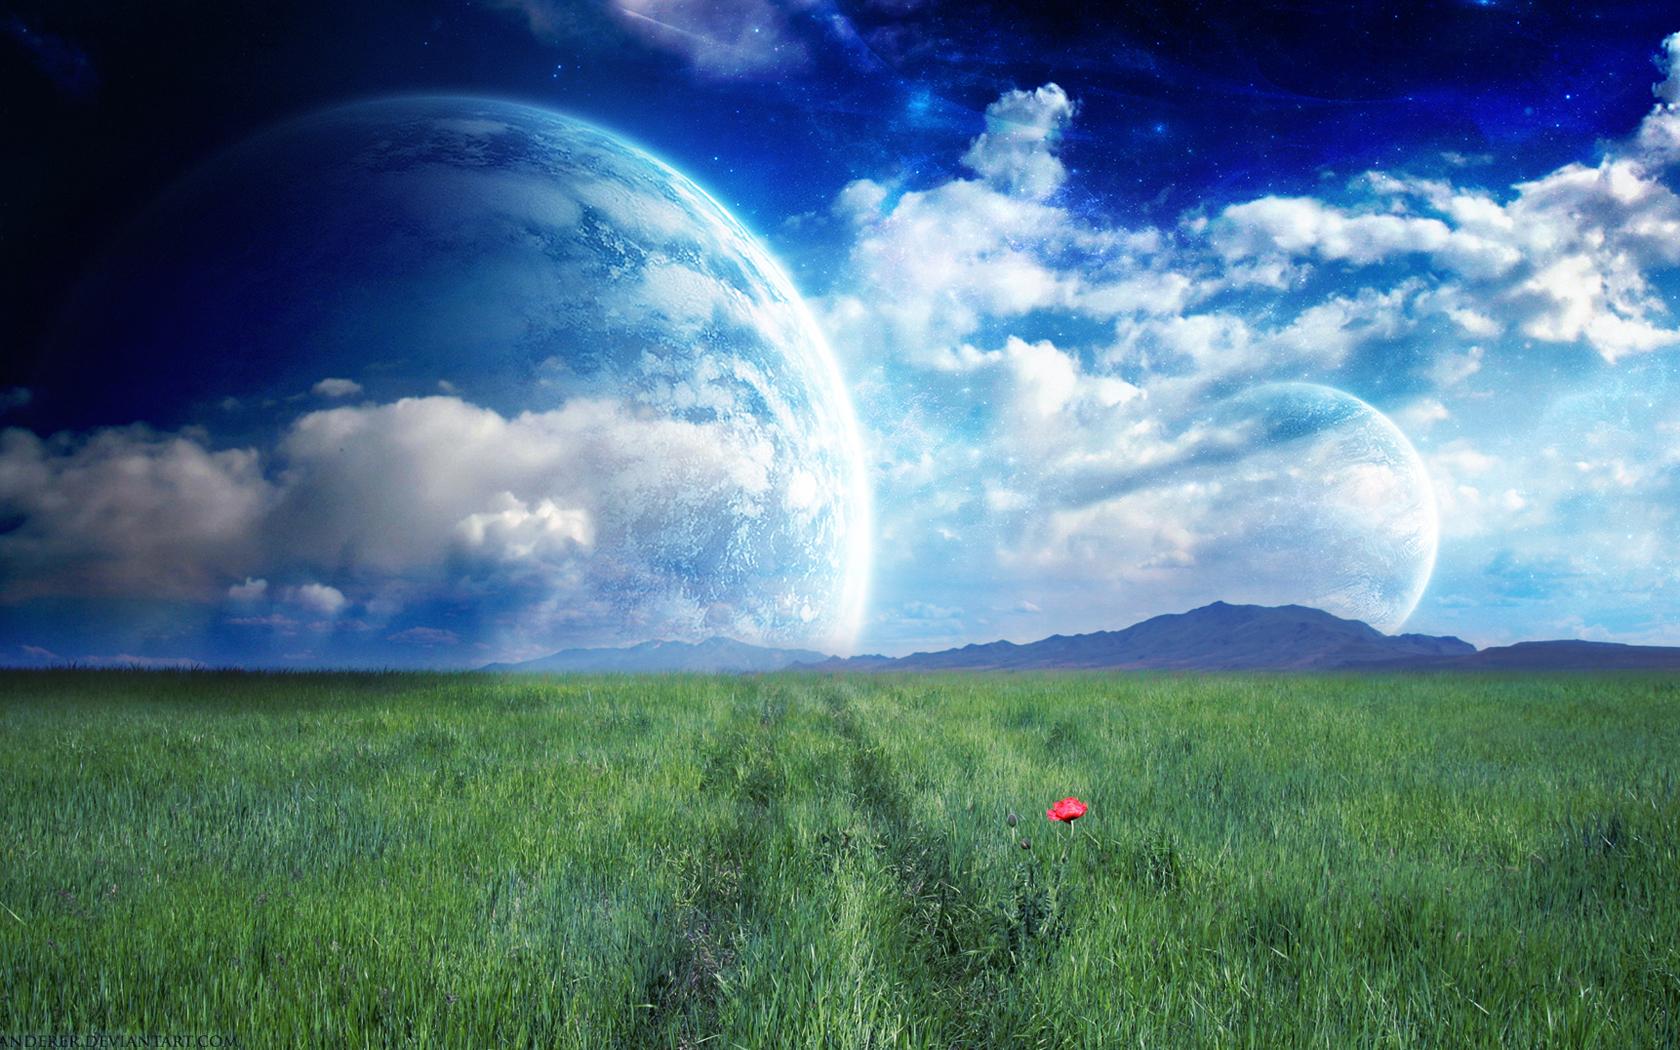 Fantasy grassland landscape wallpaper Desktop Background